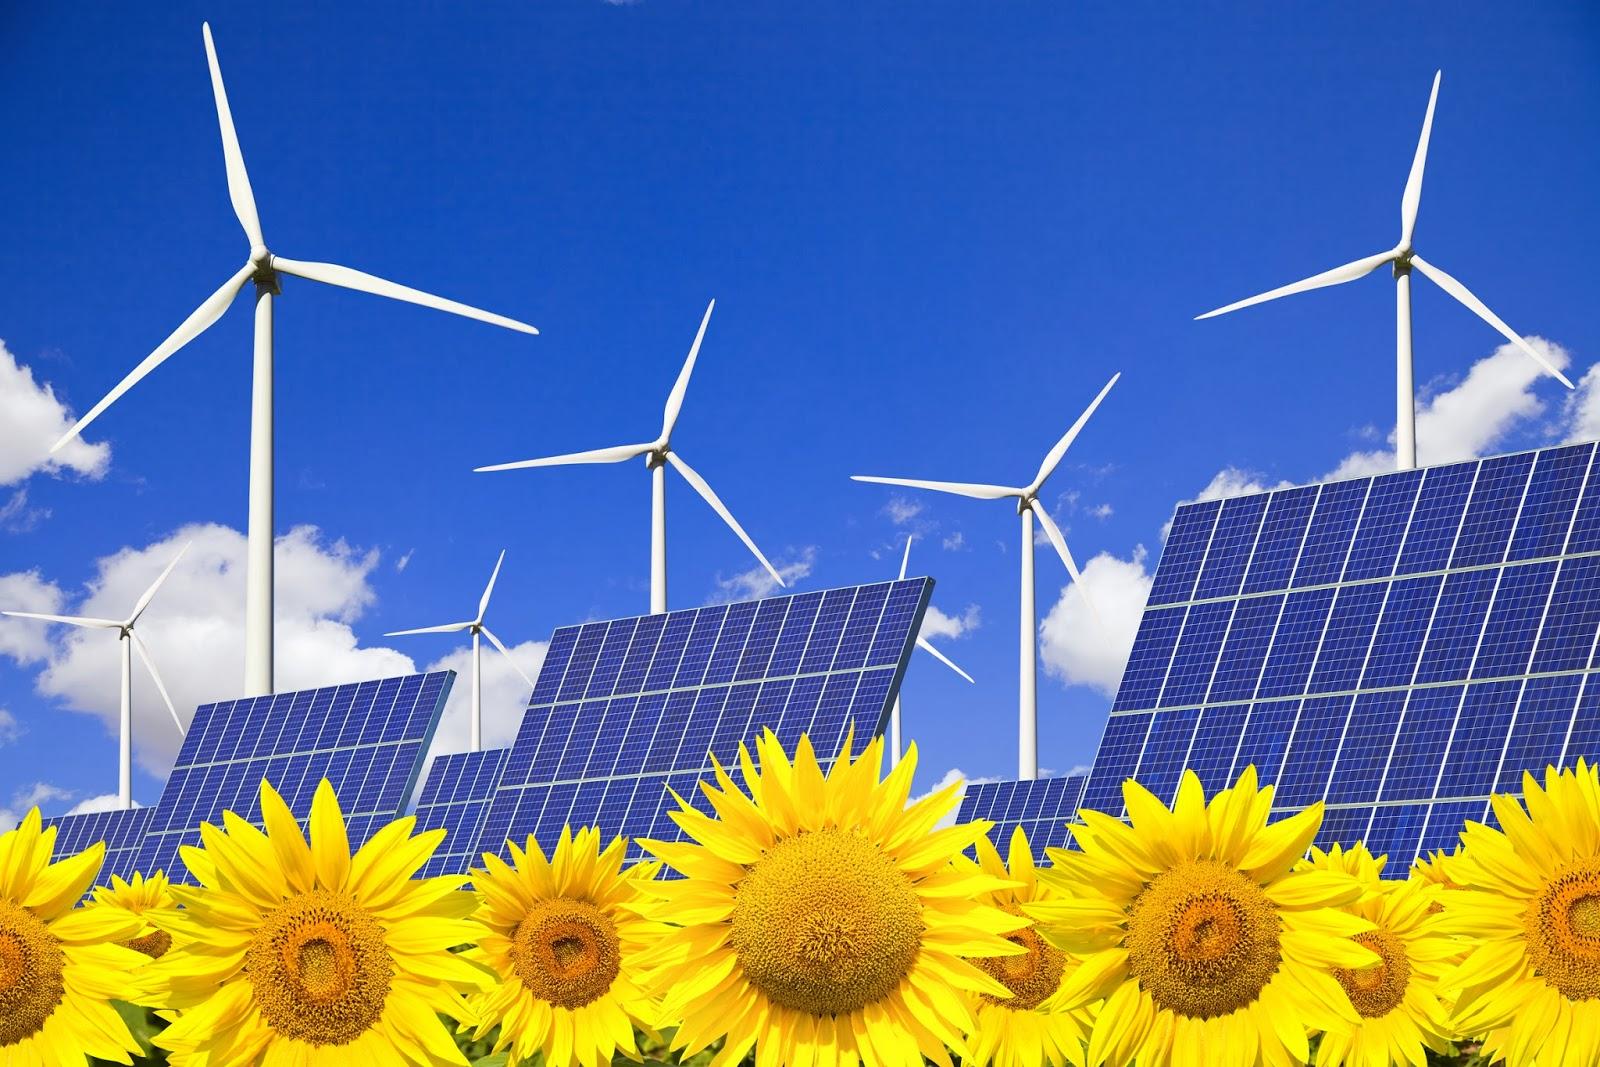 Nergies fossiles et nergies renouvelables - Qu est ce qu une energie renouvelable ...